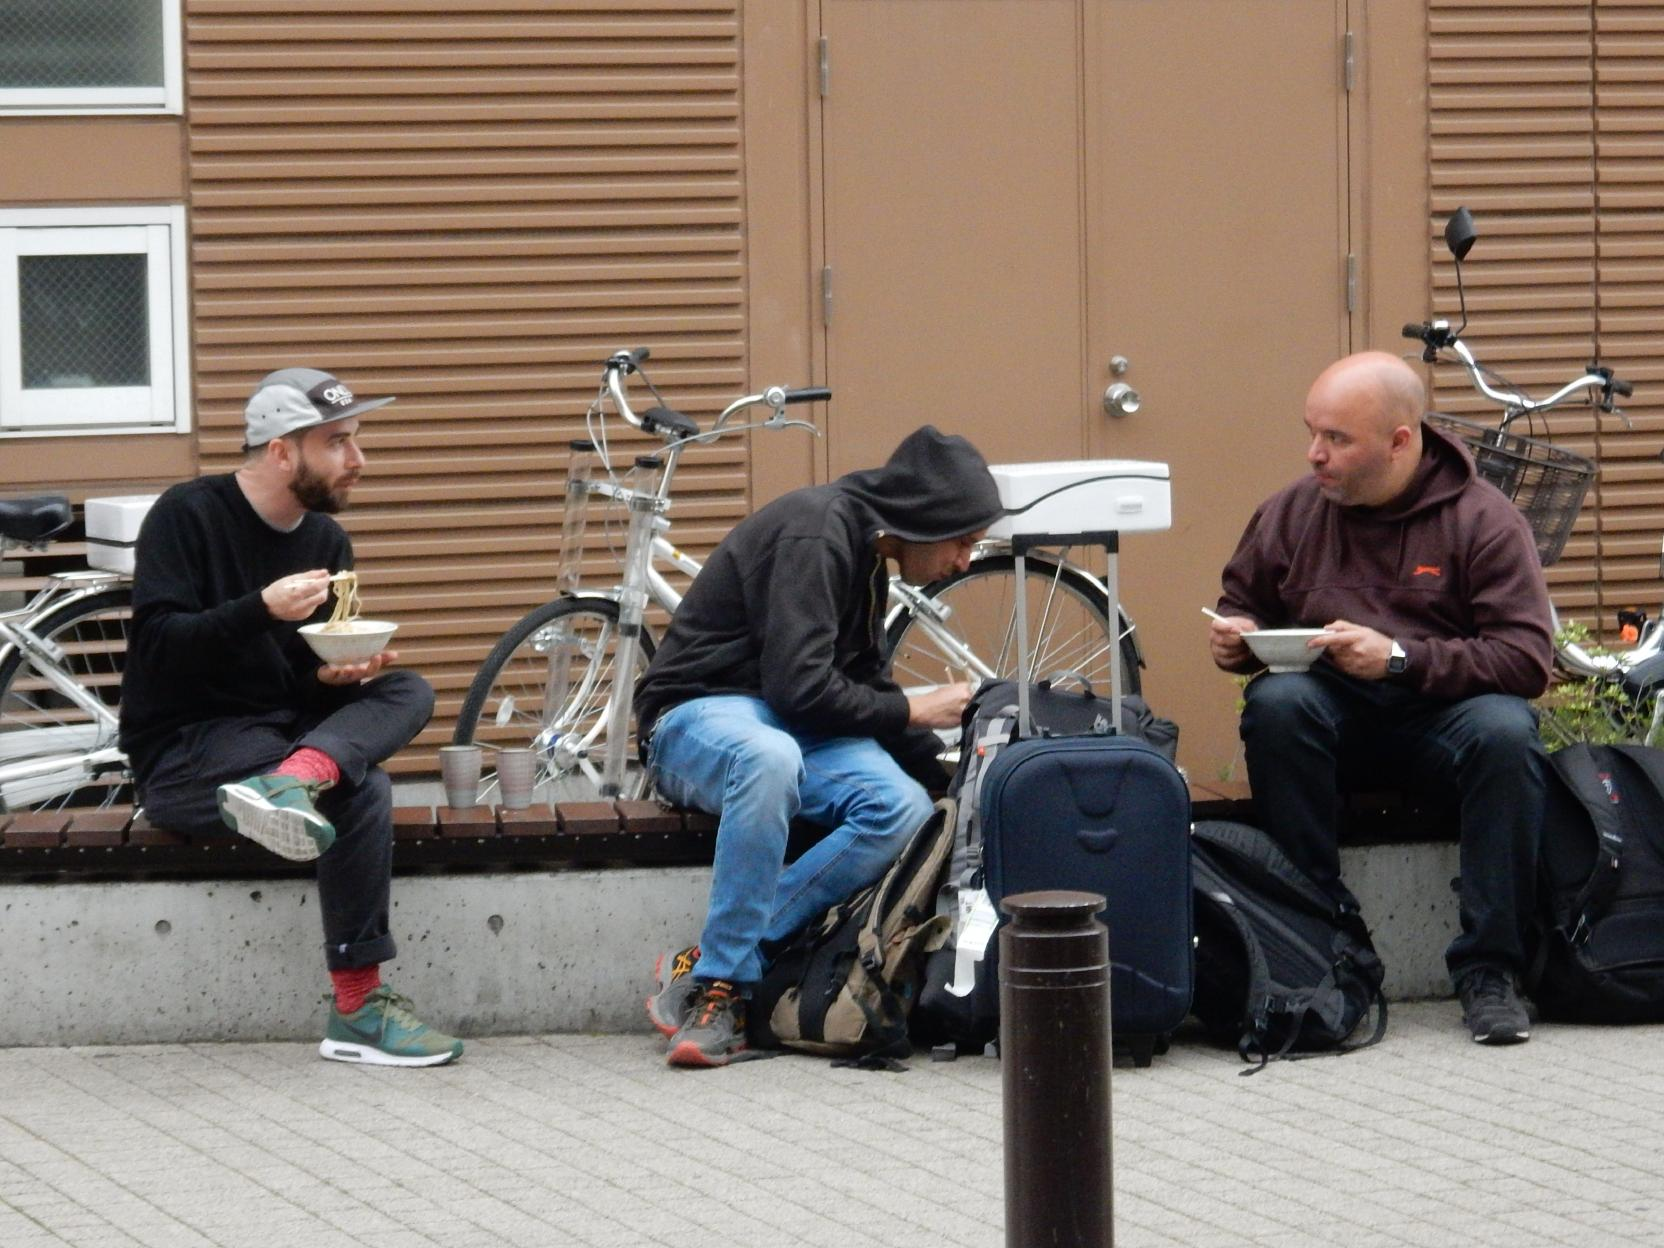 立ち食いうどん屋の外国人旅行者と豊島区椎名町のインバウンドの話_b0235153_1174517.jpg